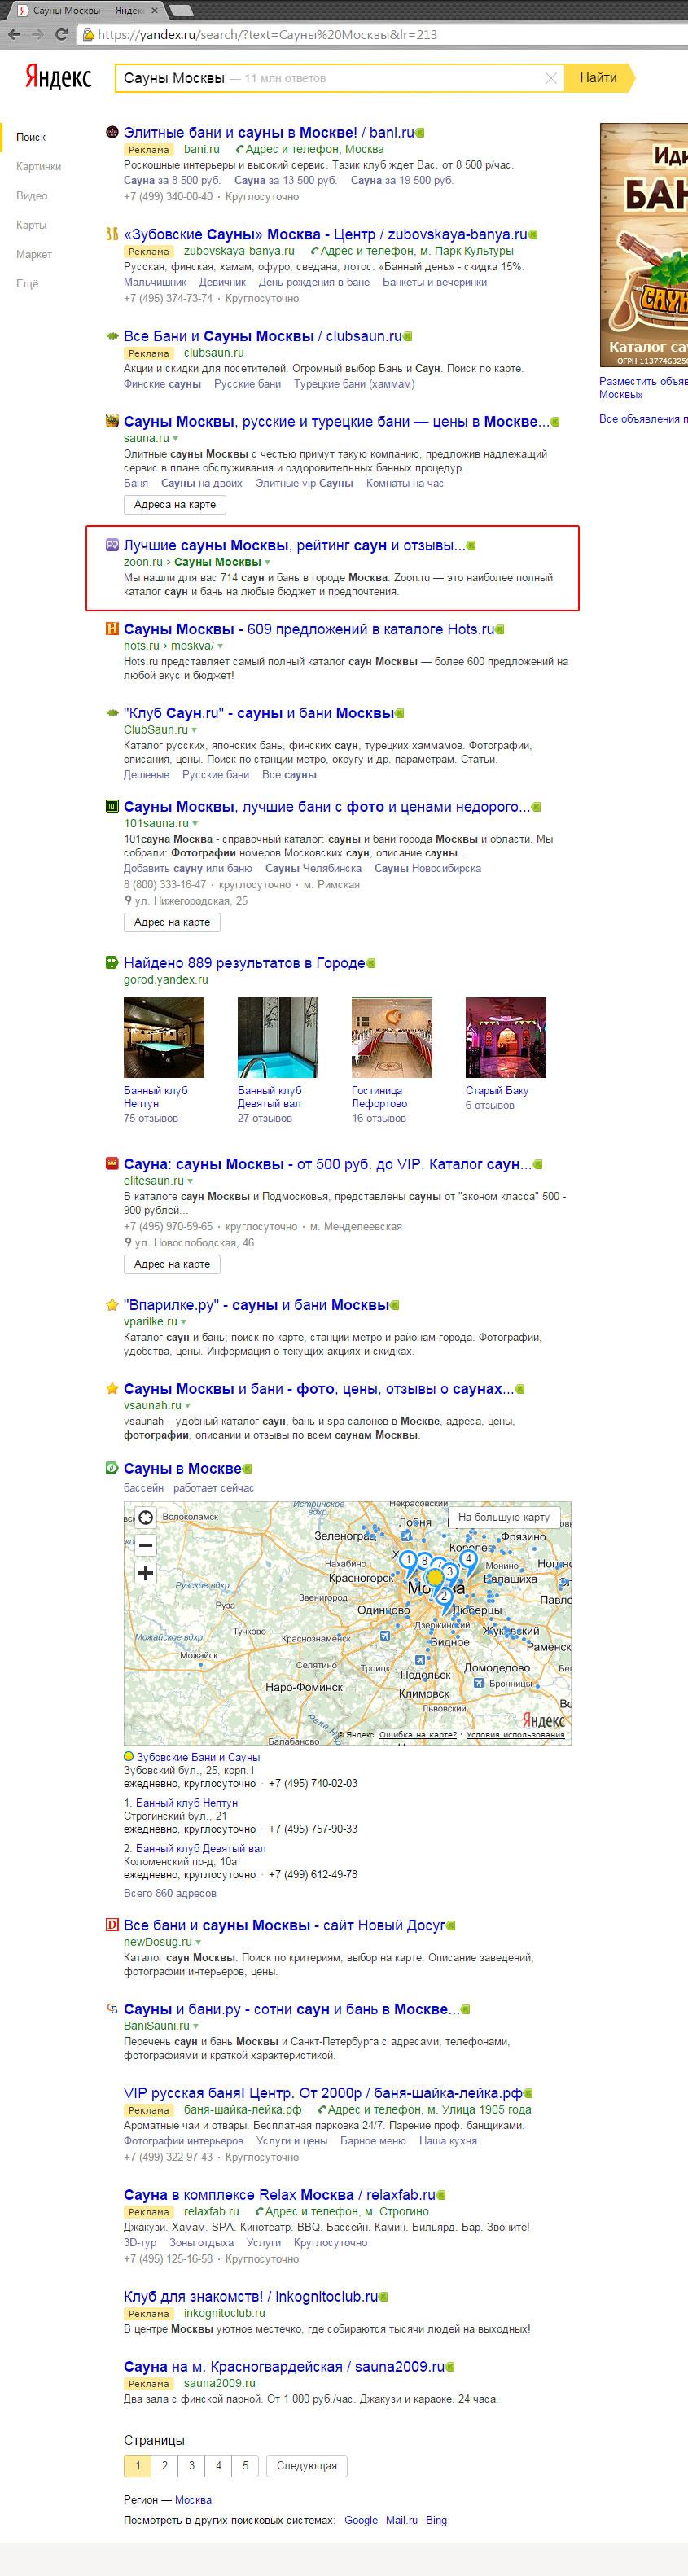 Cауны Москвы недорого, Москва и область / Яндекс (2-место)